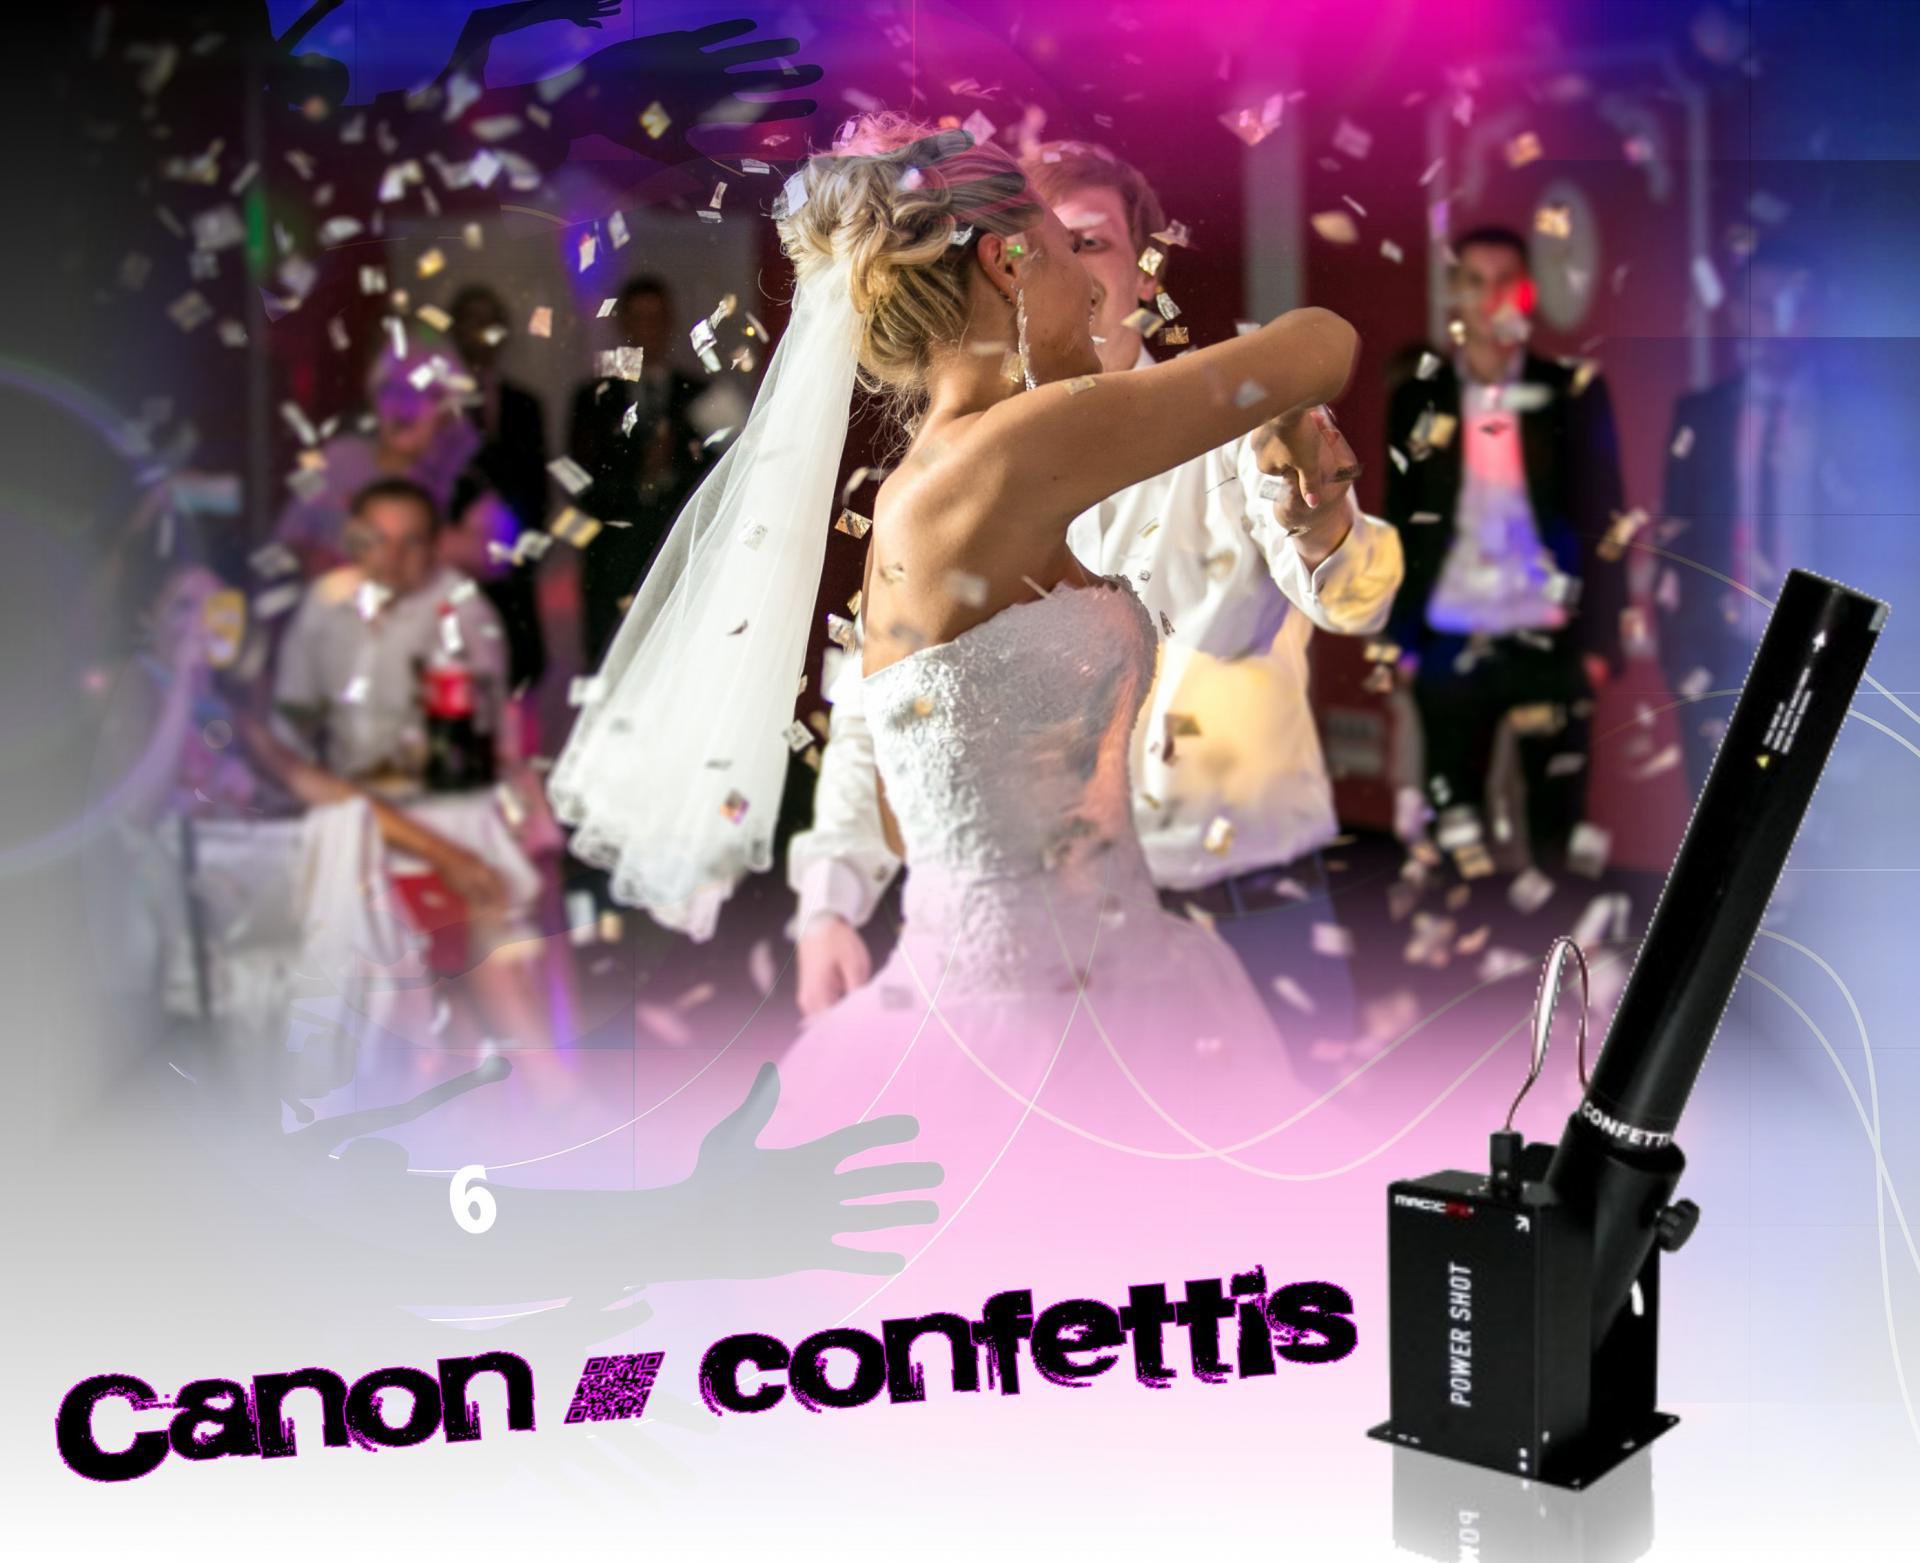 Canon a confettis publ 2